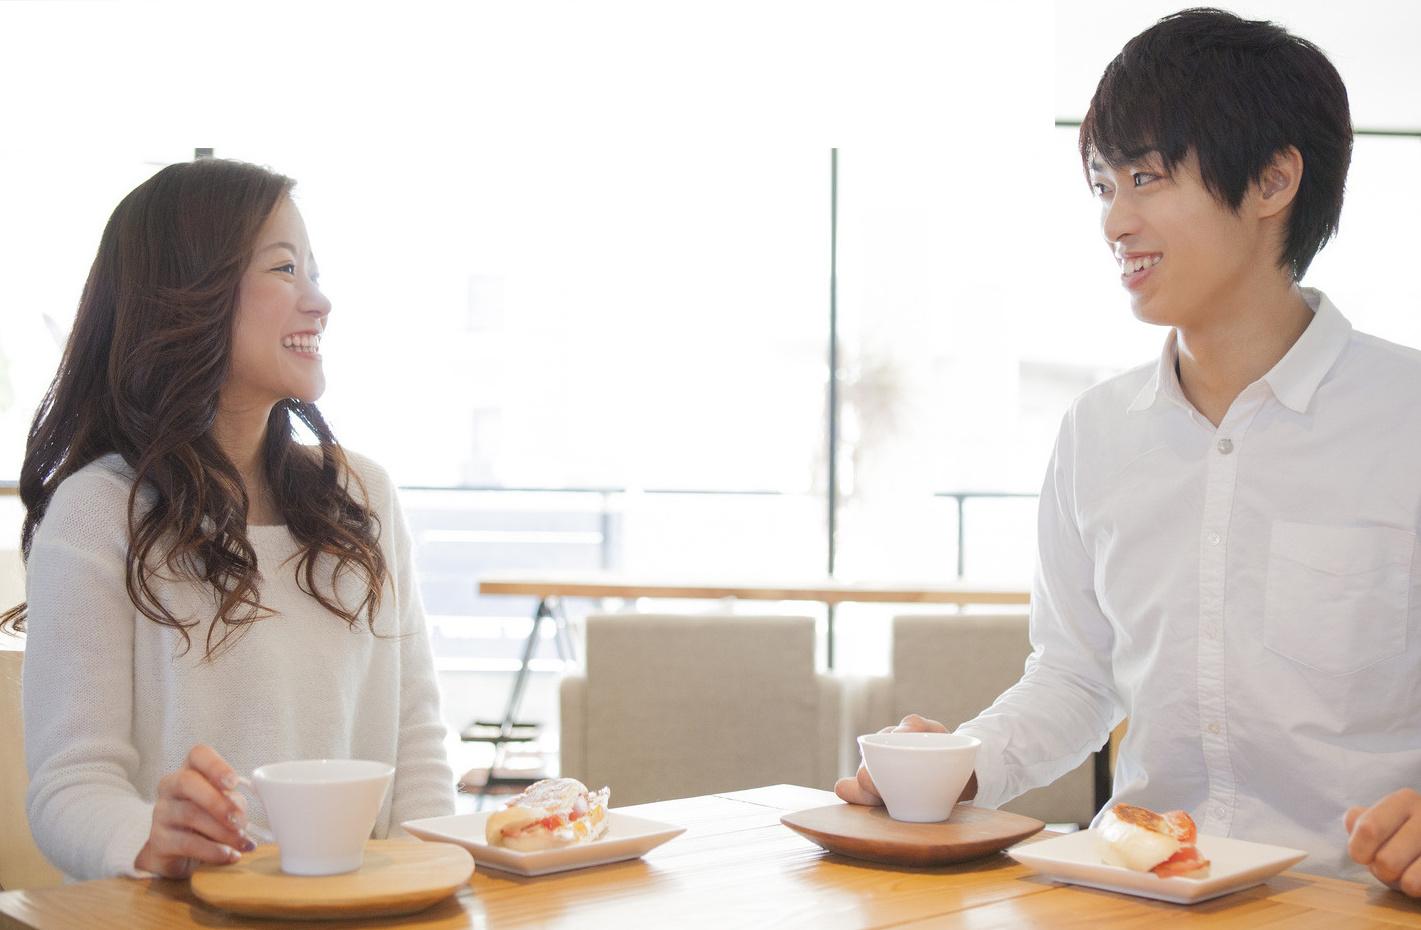 お見合いで「また会いたいな」と思わせるコツとは?婚活アドバイス